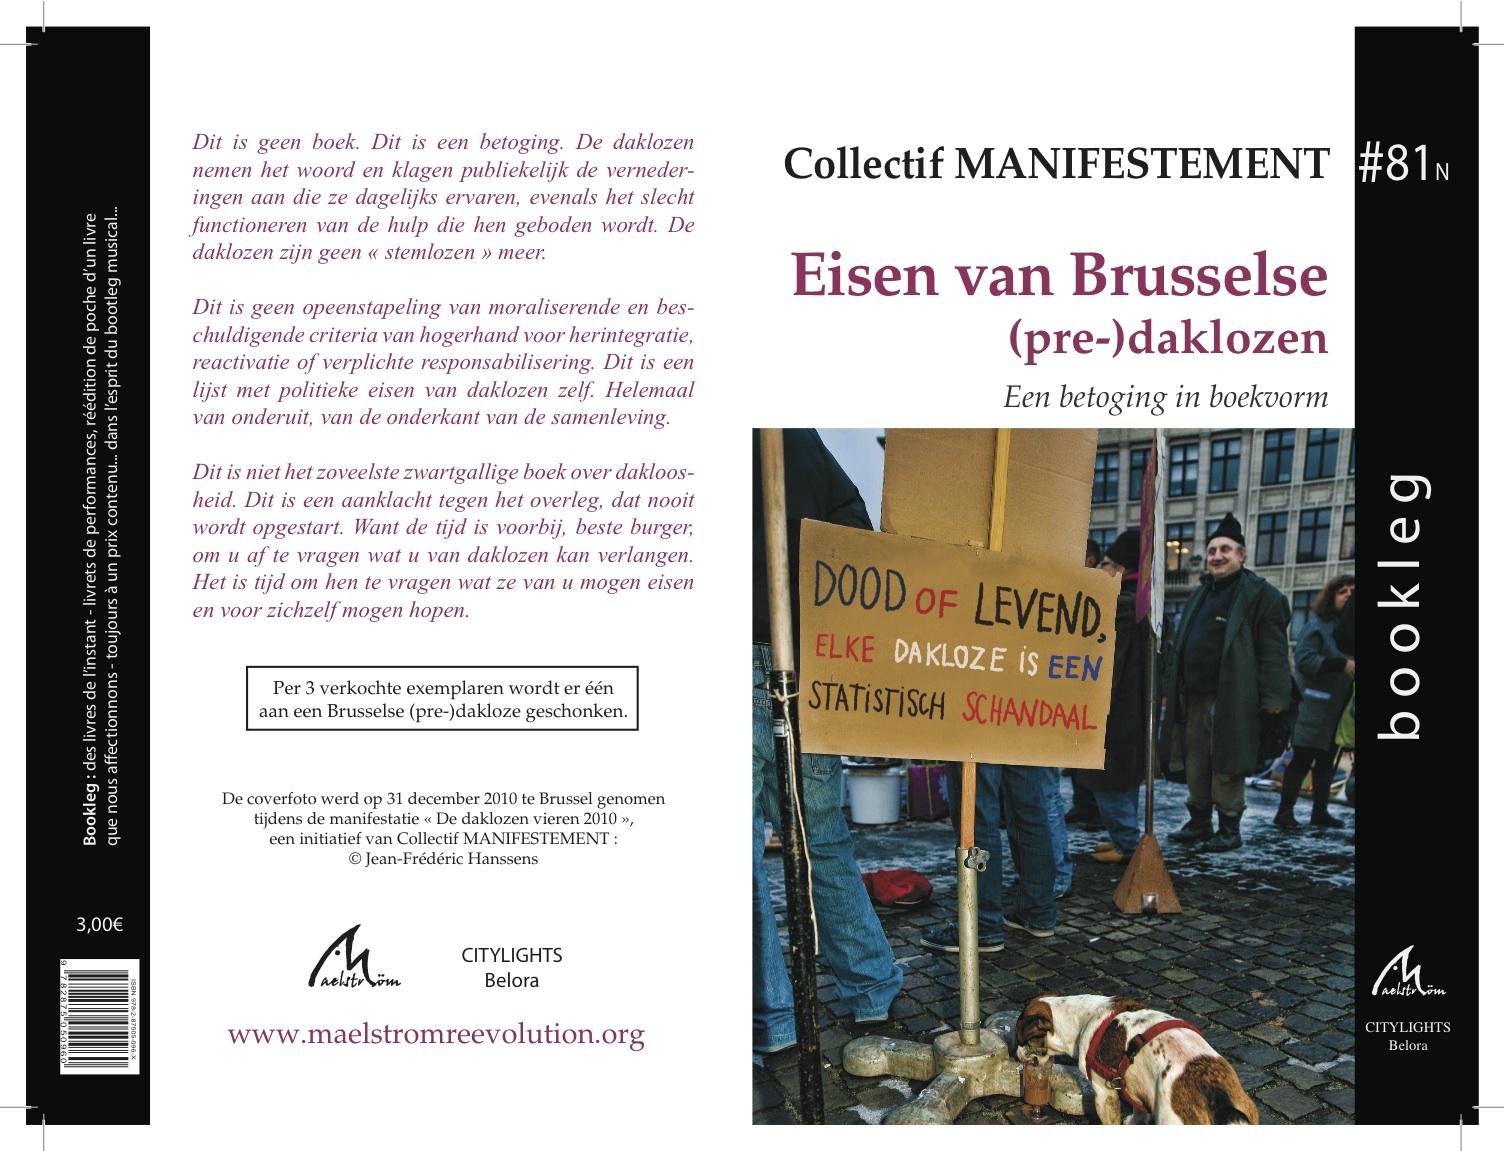 Editions Maelström, ISBN 978-2-87505-094-6, 54 pages. Sortie de l'édition en néerlandais chez le même éditeur le 1er décembre 2011.